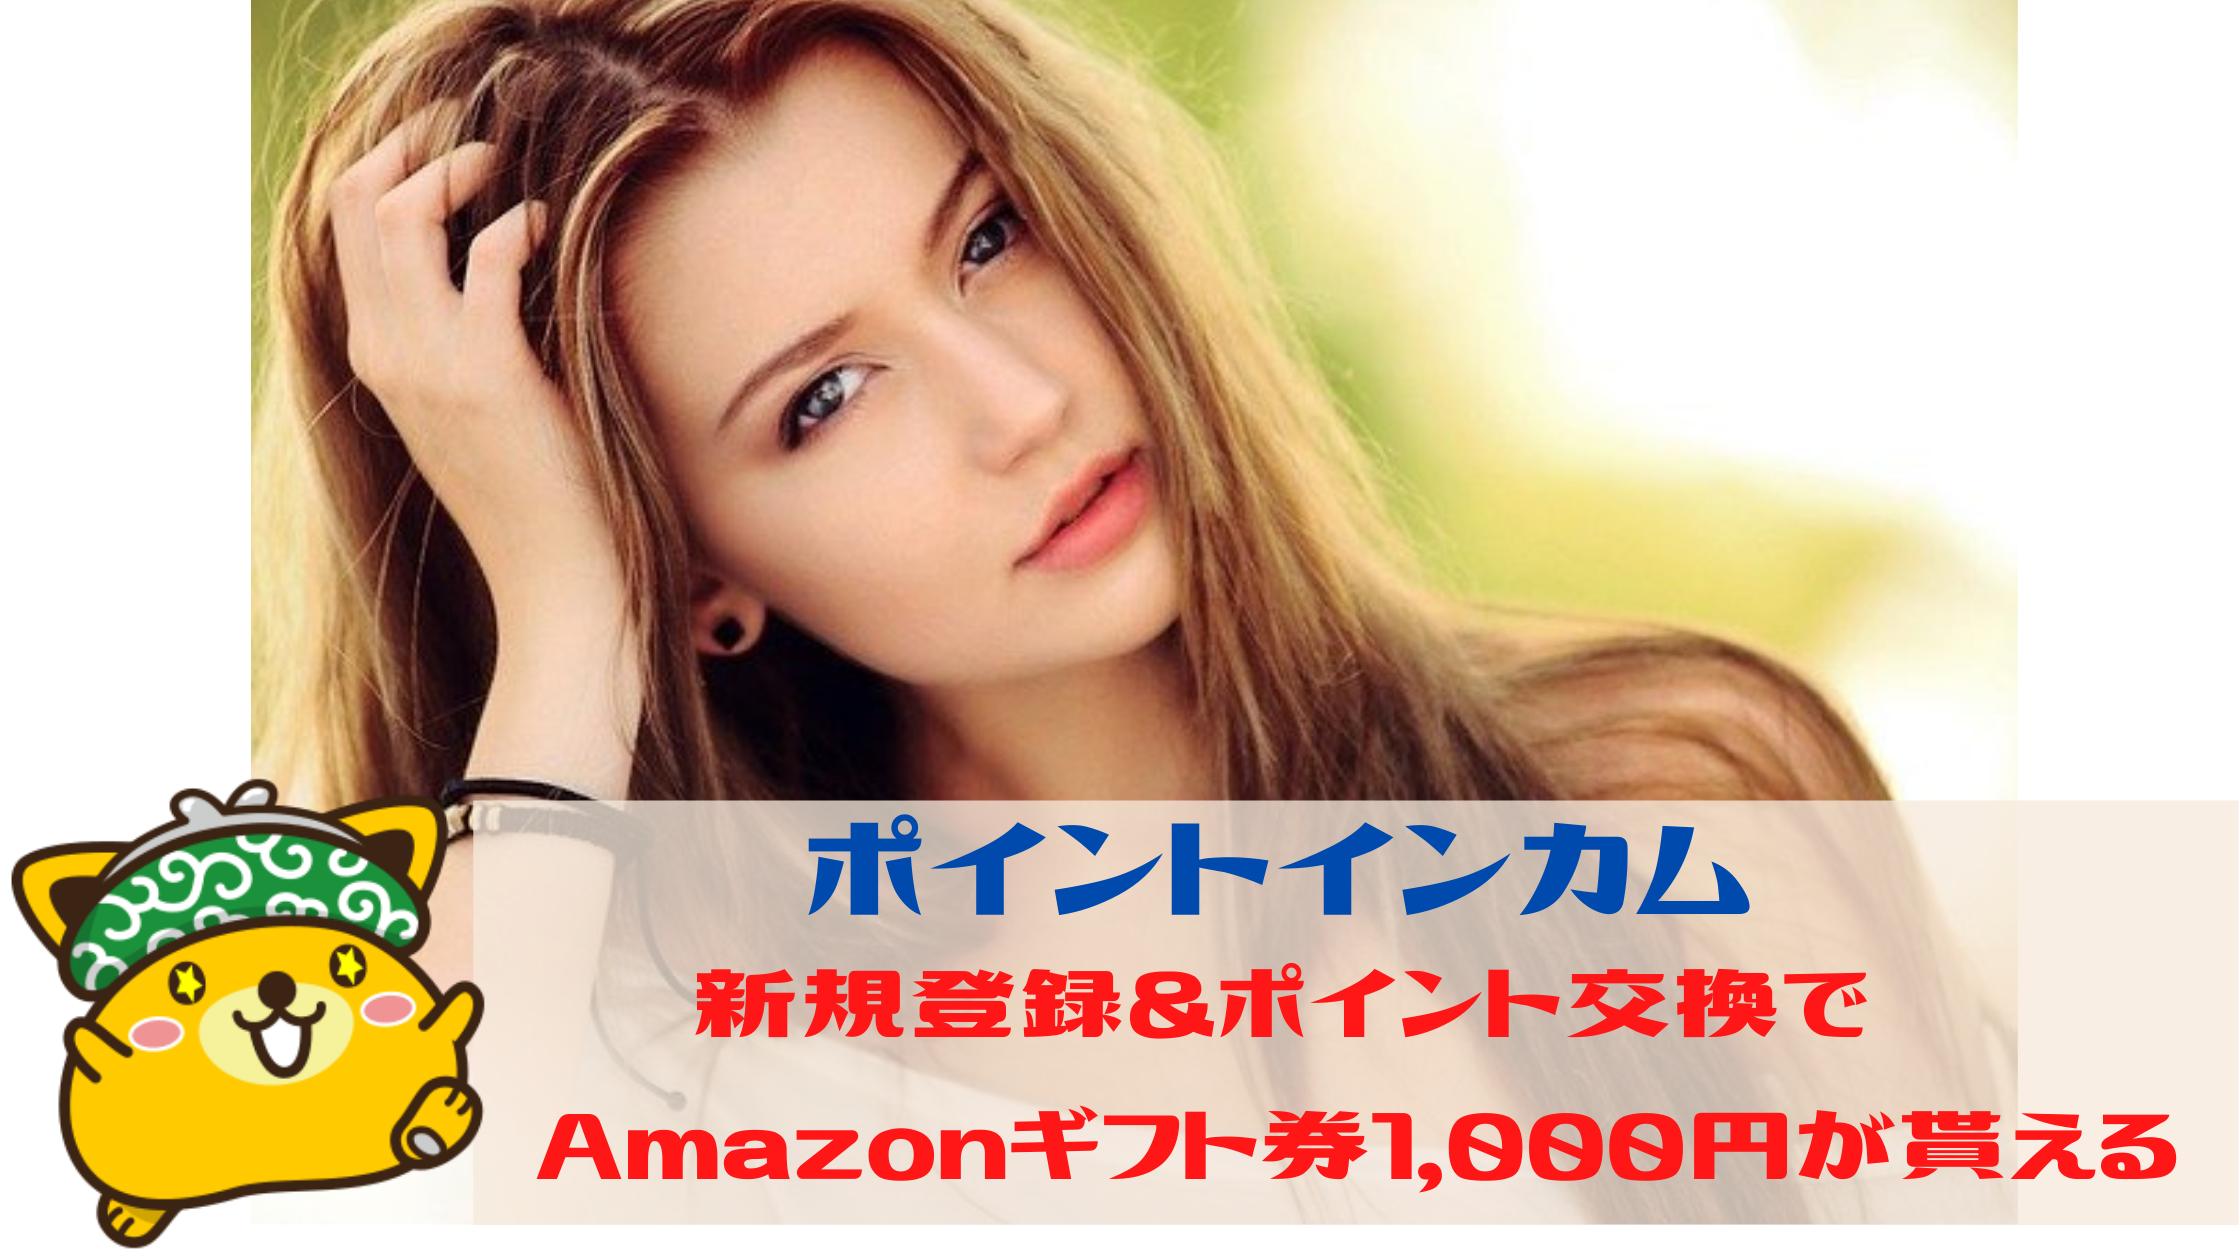 ポイントインカム 新規登録&ポイント交換でAmazonギフト券1,000円がもらえる